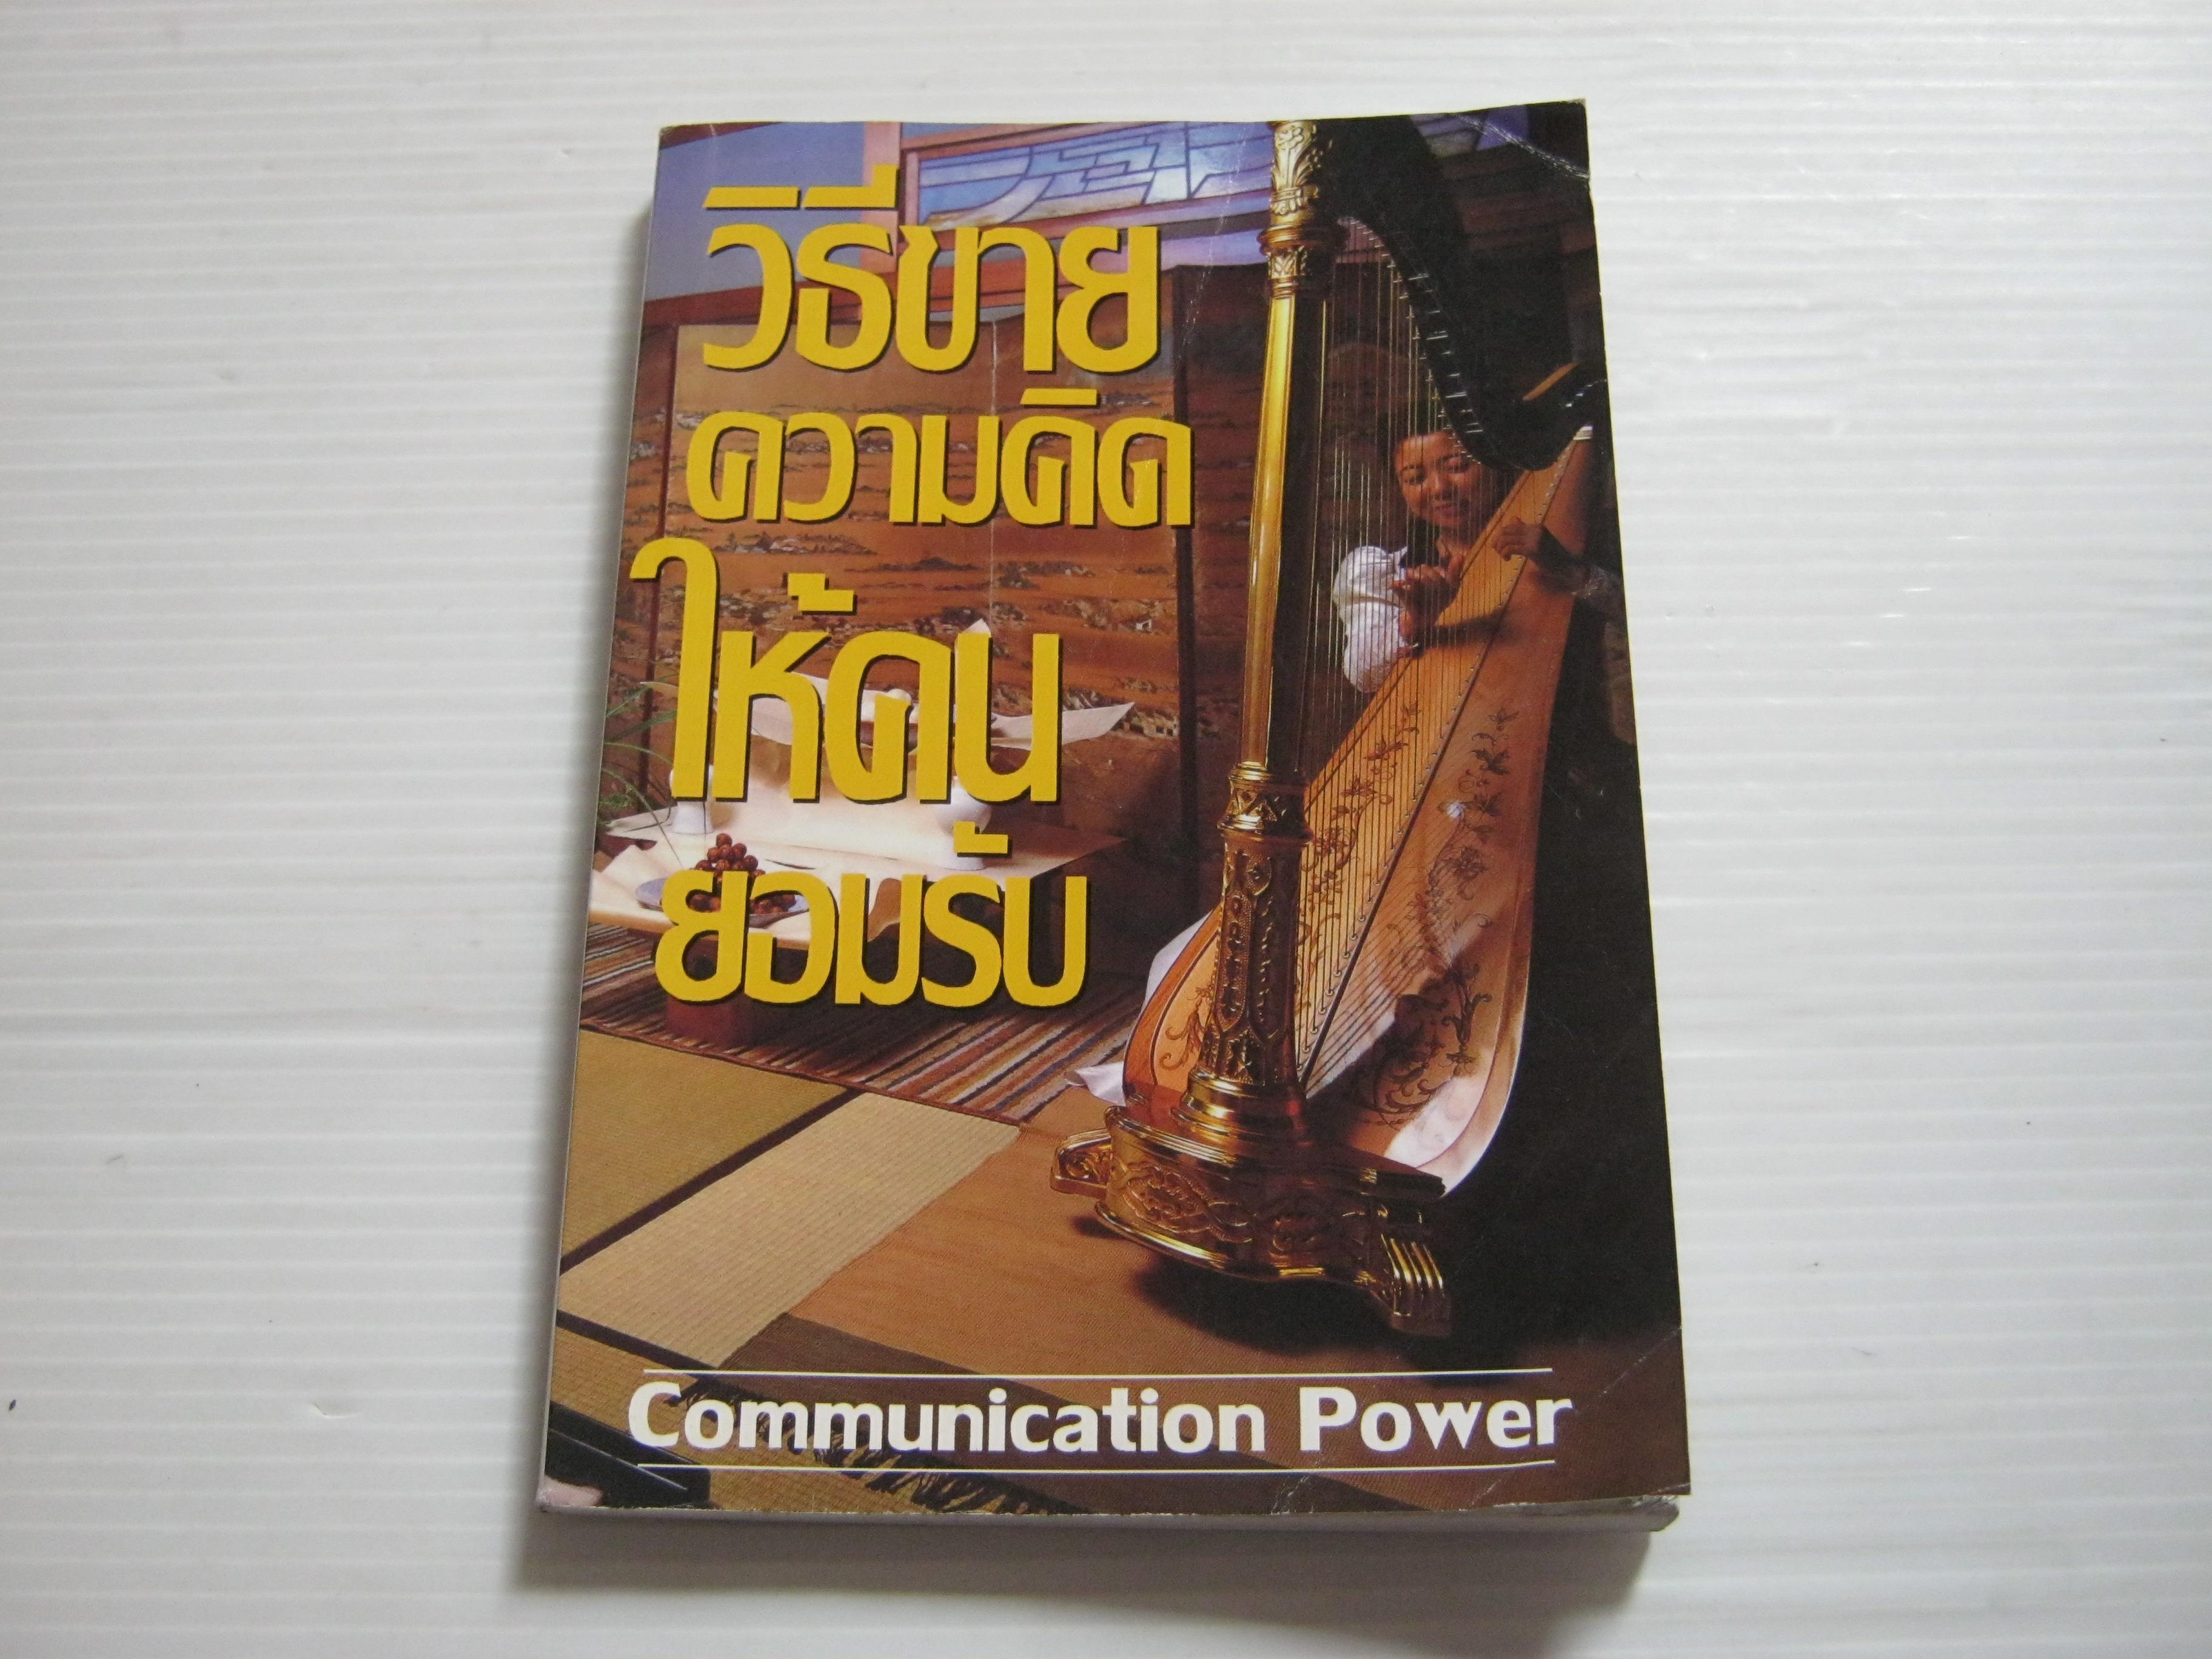 วิธีขายความคิดให้คนยอมรับ (Communication Power)